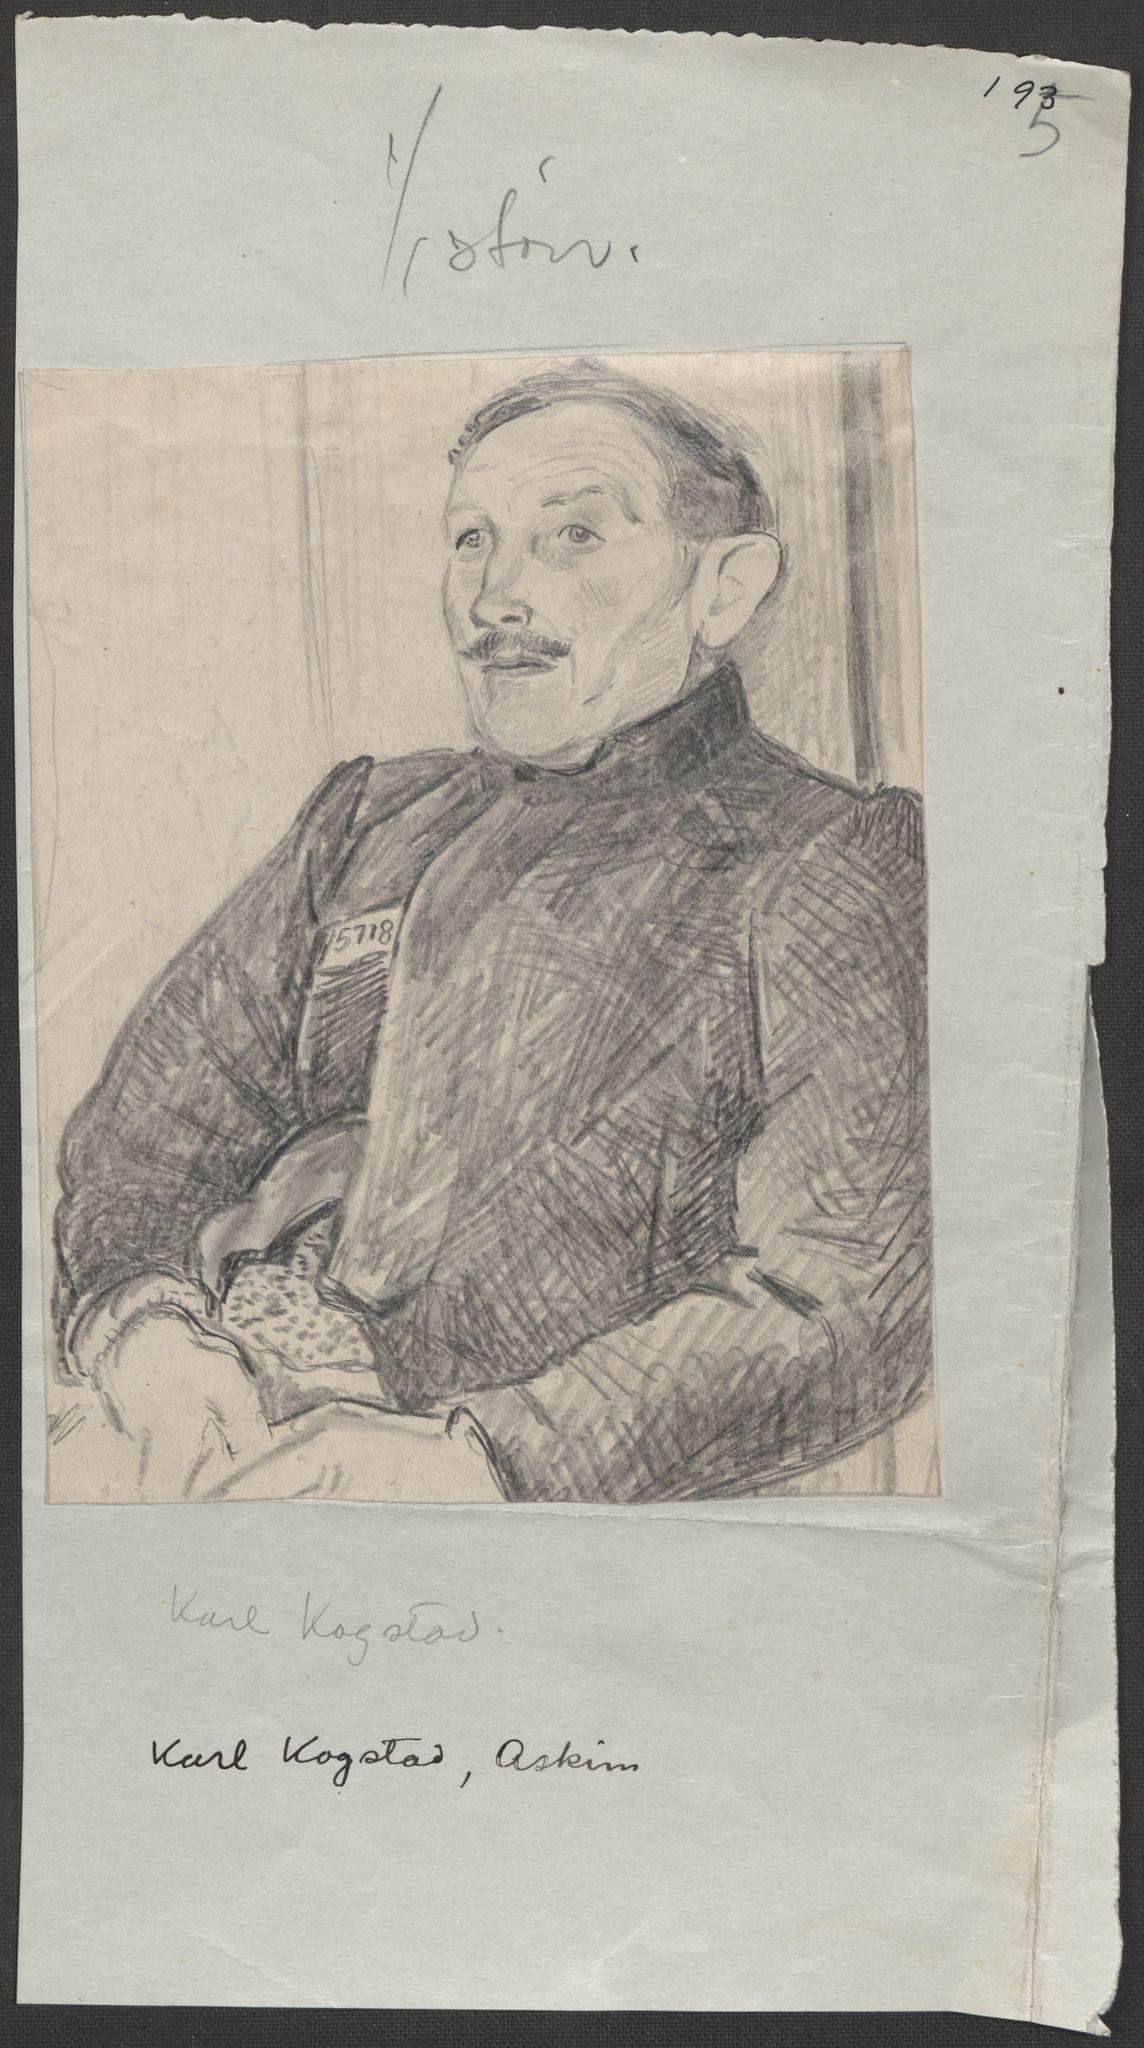 RA, Grøgaard, Joachim, F/L0002: Tegninger og tekster, 1942-1945, s. 69